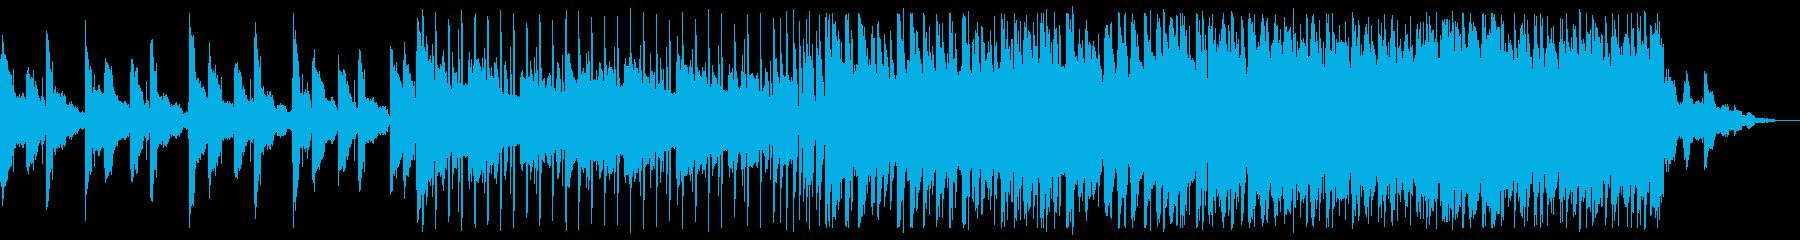 煌びやかなディスコ_No693_3の再生済みの波形